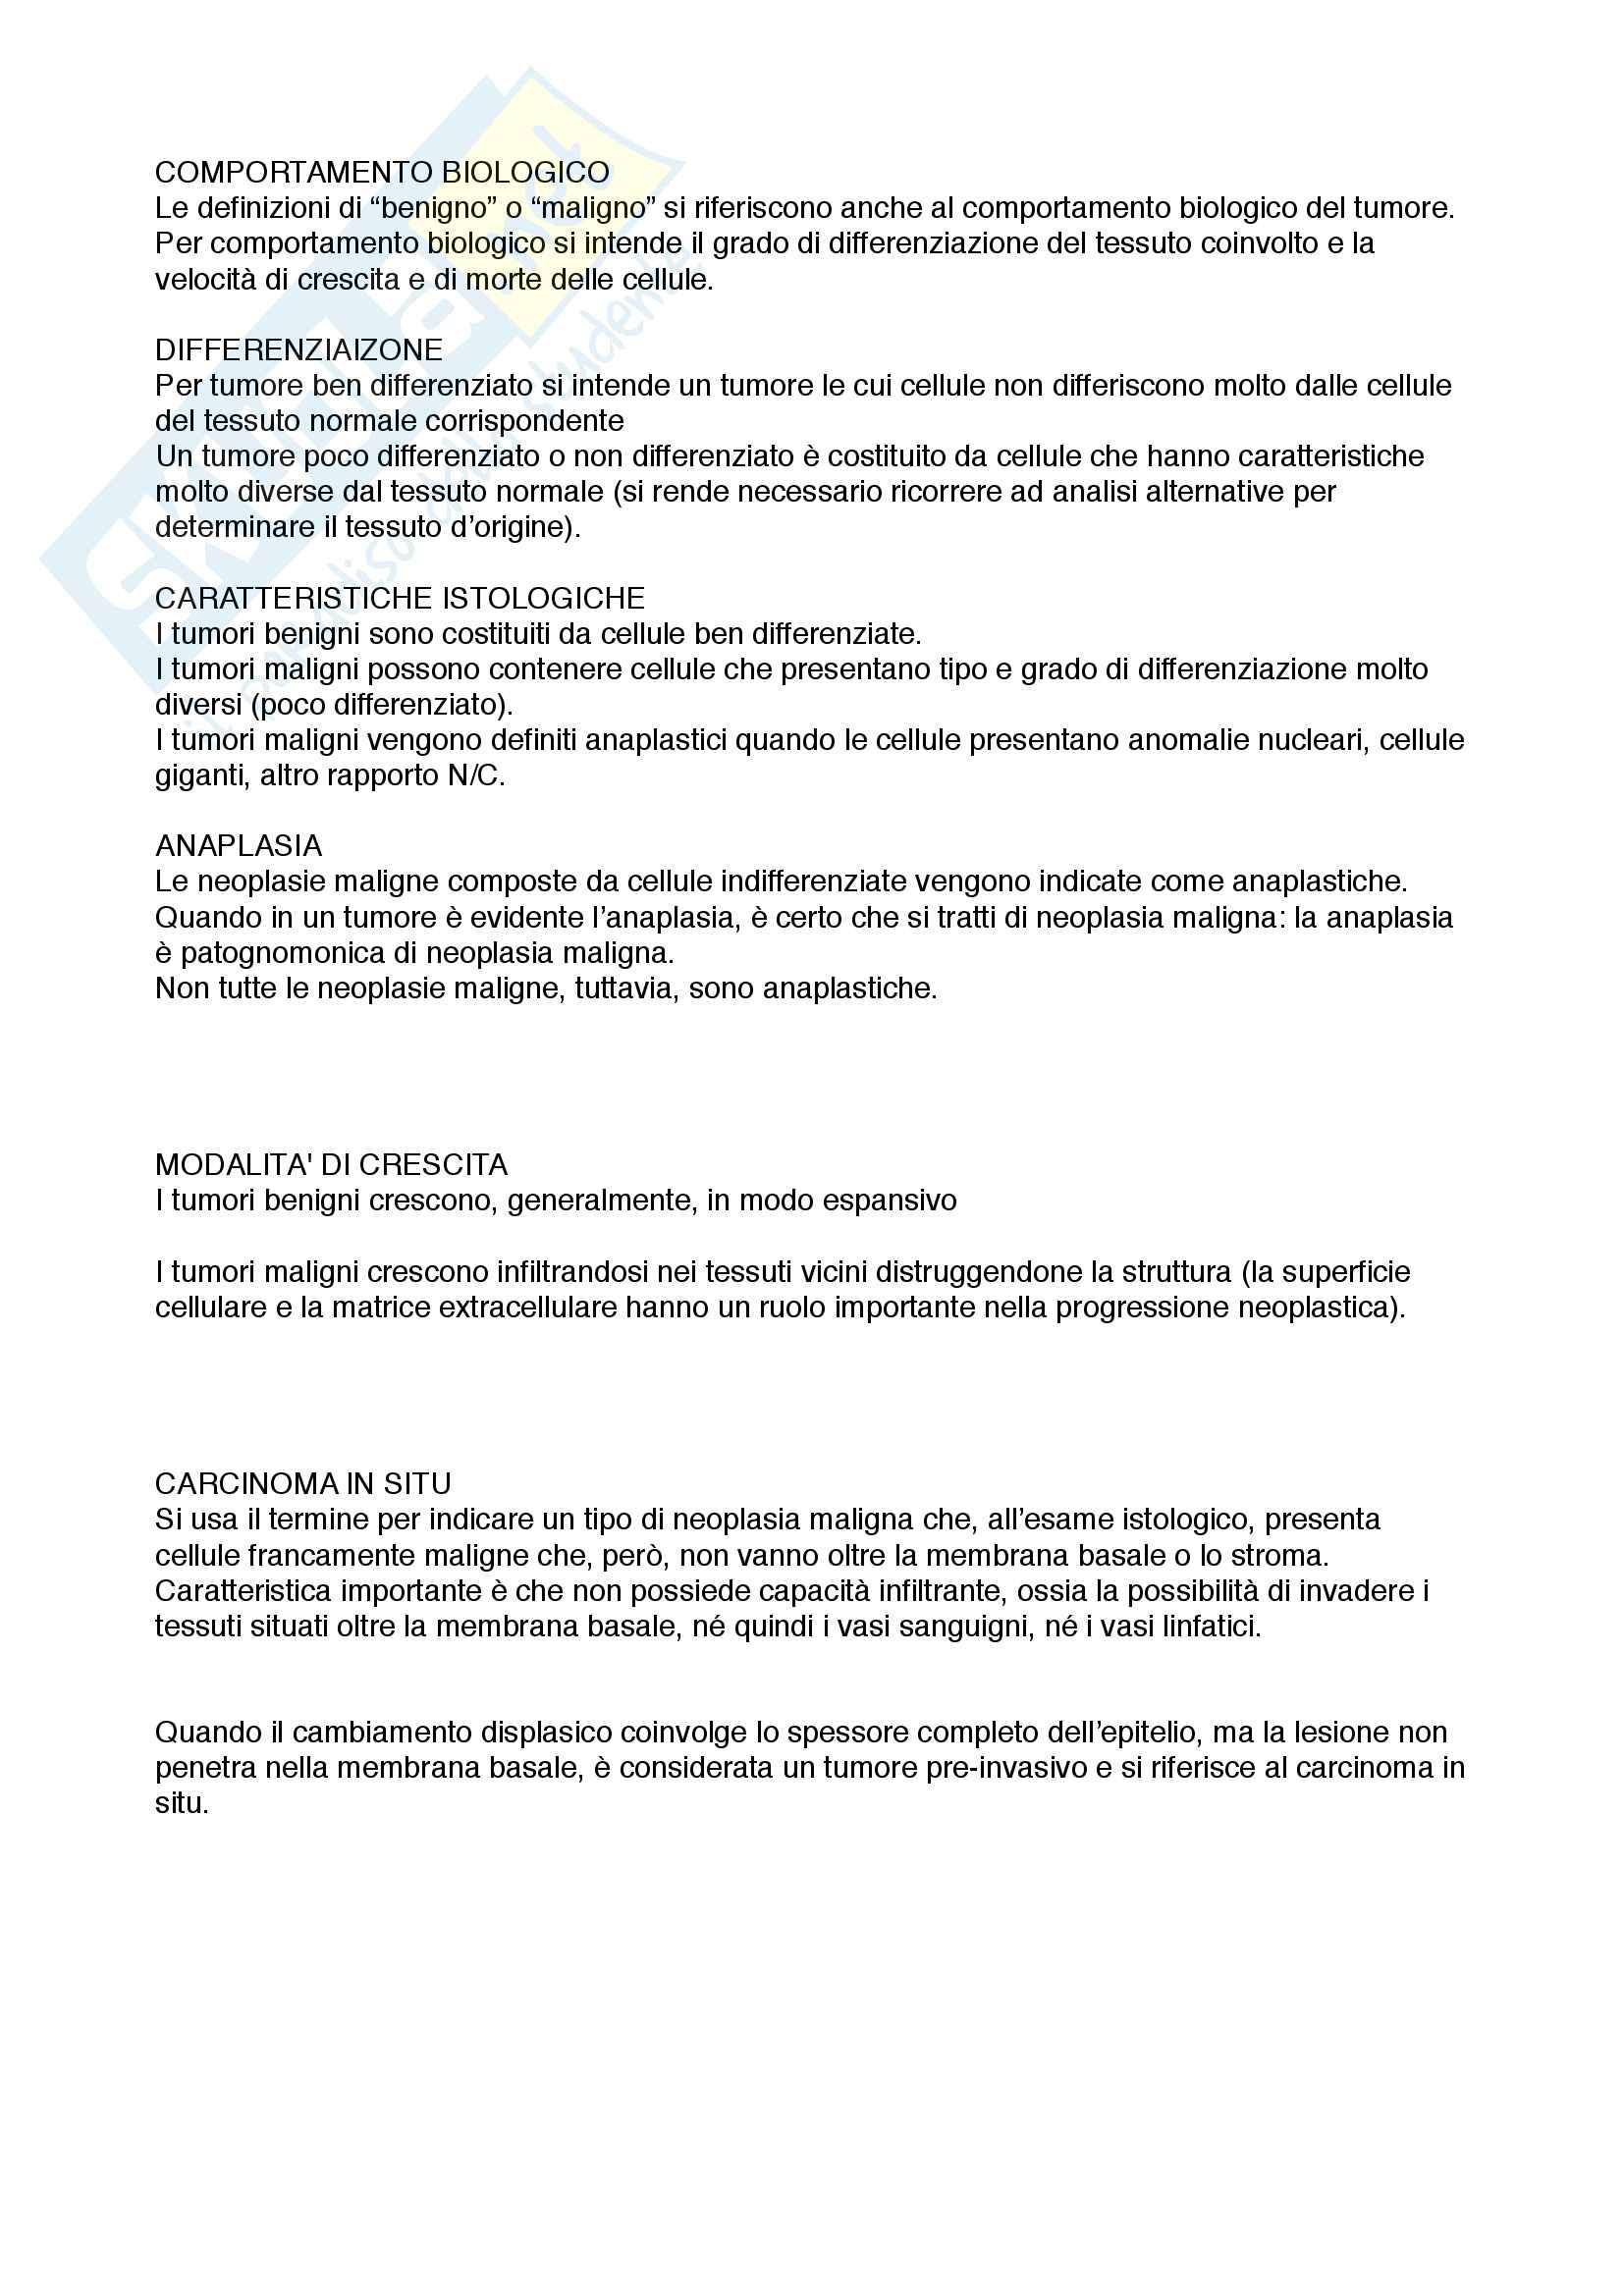 patologia generale e terminologia medica Pag. 61